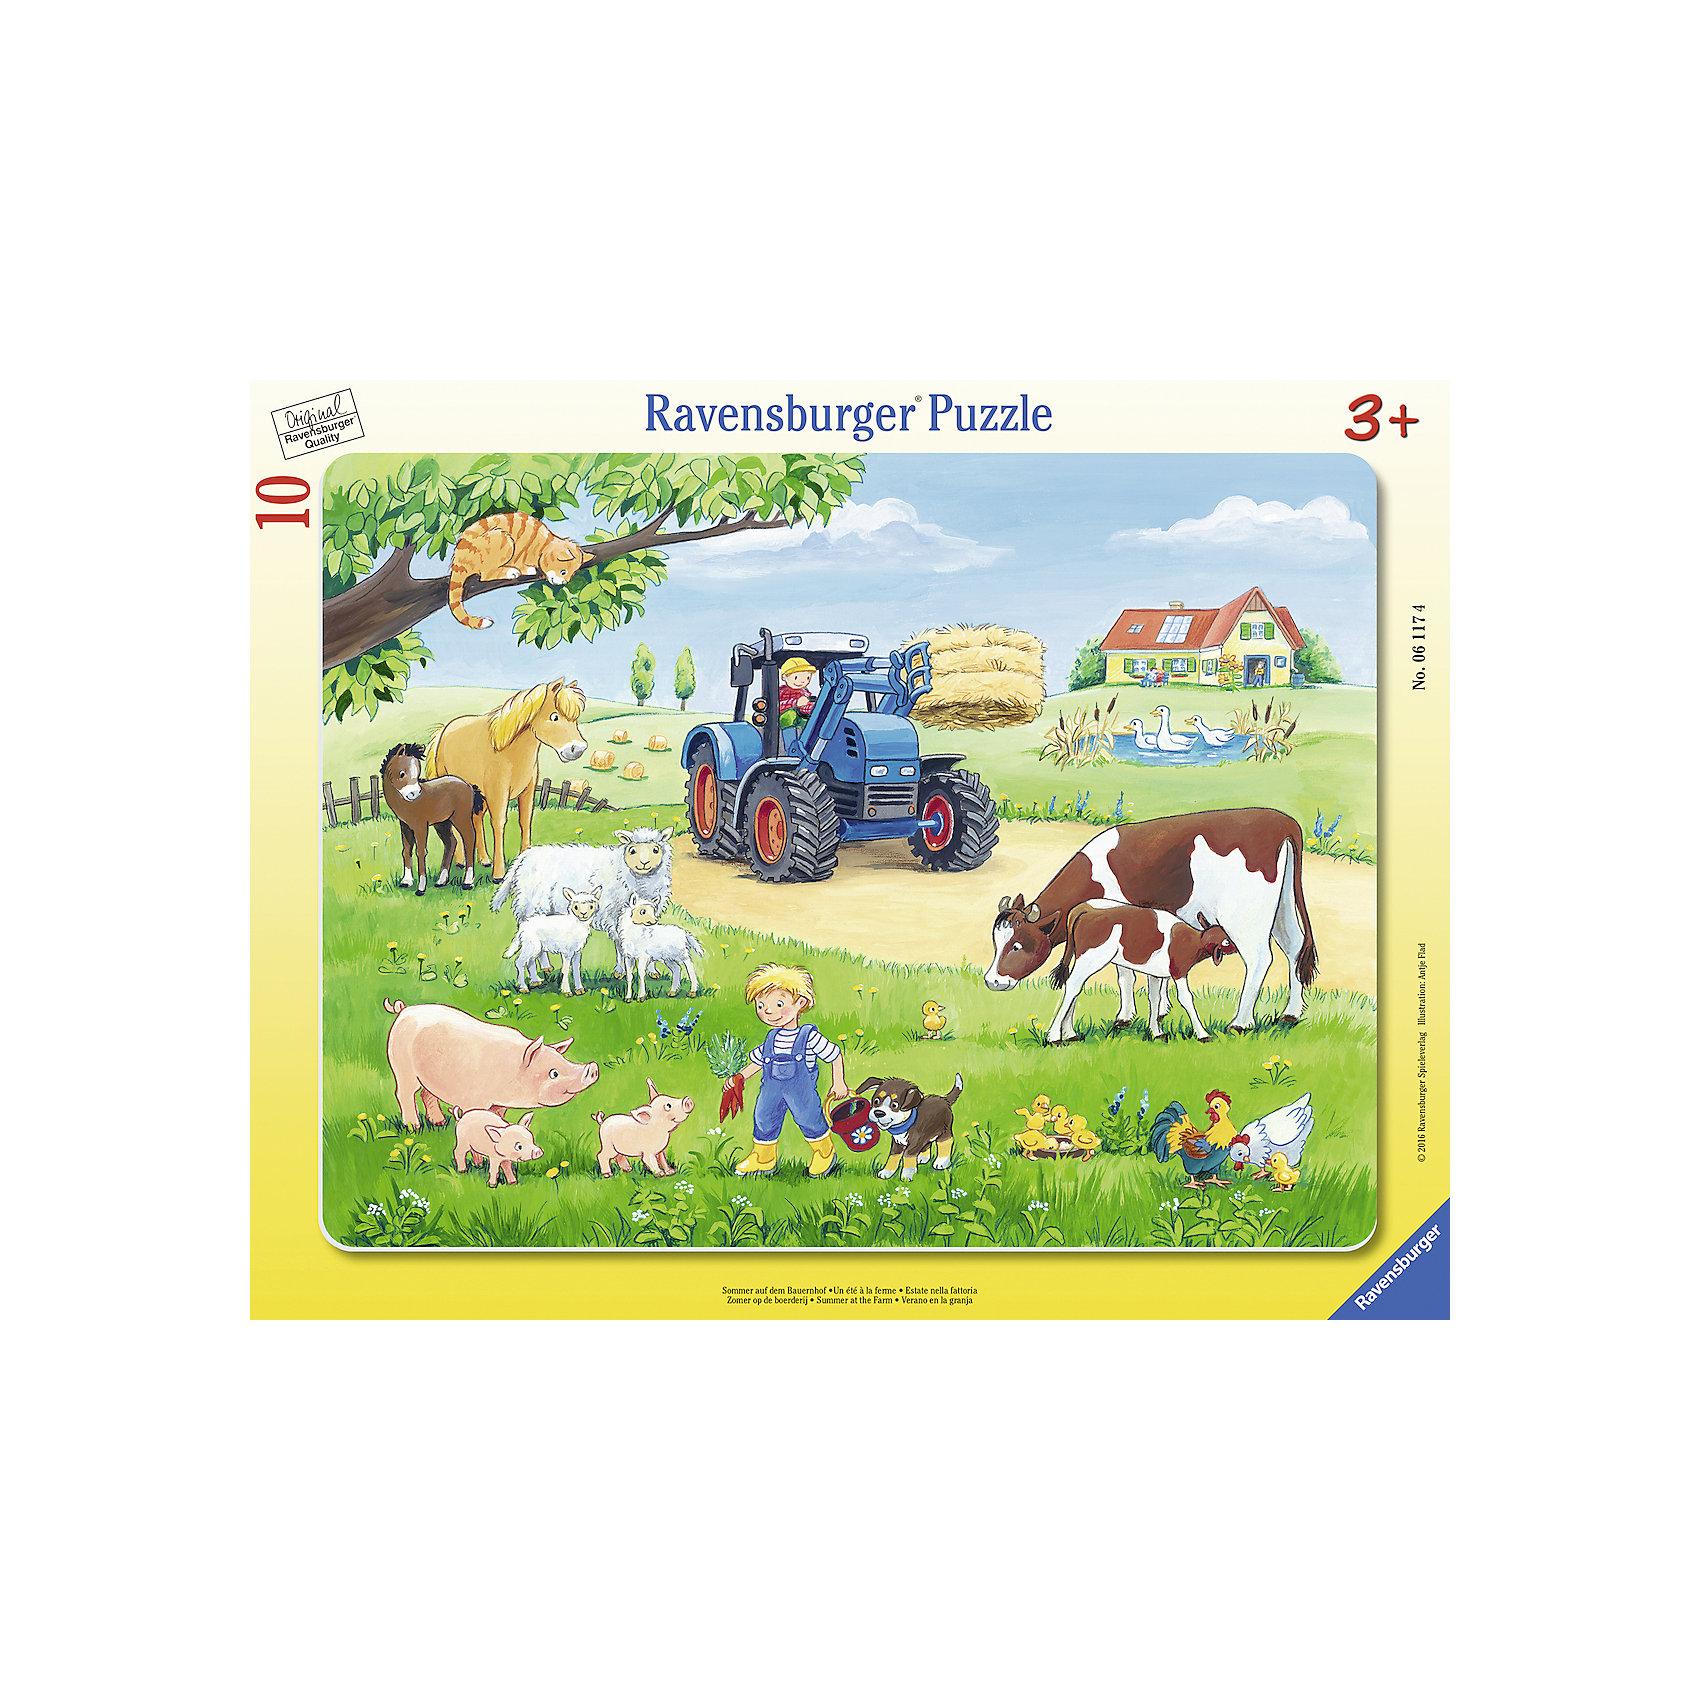 Пазл «Лето в деревне», 10 деталей, RavensburgerПазл «Лето в деревне», 10 деталей, Ravensburger (Равенсбургер).<br><br>Характеристика:<br><br>• Материал: картон. <br>• Размер упаковки: 37,3х<br>23,3х5 см. <br>• Размер готовой картинки: 32,5х24,5 см. <br>• Количество деталей: 10.<br><br>Дети обожают собирать пазлы. Это очень интересное и полезное занятие, которое поможет ребенку развить мелкую моторику, внимание, цветовосприятие, усидчивость и образное мышление. Получившаяся яркая картинка станет прекрасным украшением комнаты или же отличным подарком, сделанным своими руками. <br><br>Пазл «Лето в деревне», 10 деталей, Ravensburger (Равенсбургер), можно купить в нашем интернет-магазине.<br><br>Ширина мм: 376<br>Глубина мм: 292<br>Высота мм: 10<br>Вес г: 293<br>Возраст от месяцев: 36<br>Возраст до месяцев: 60<br>Пол: Унисекс<br>Возраст: Детский<br>Количество деталей: 10<br>SKU: 4441673